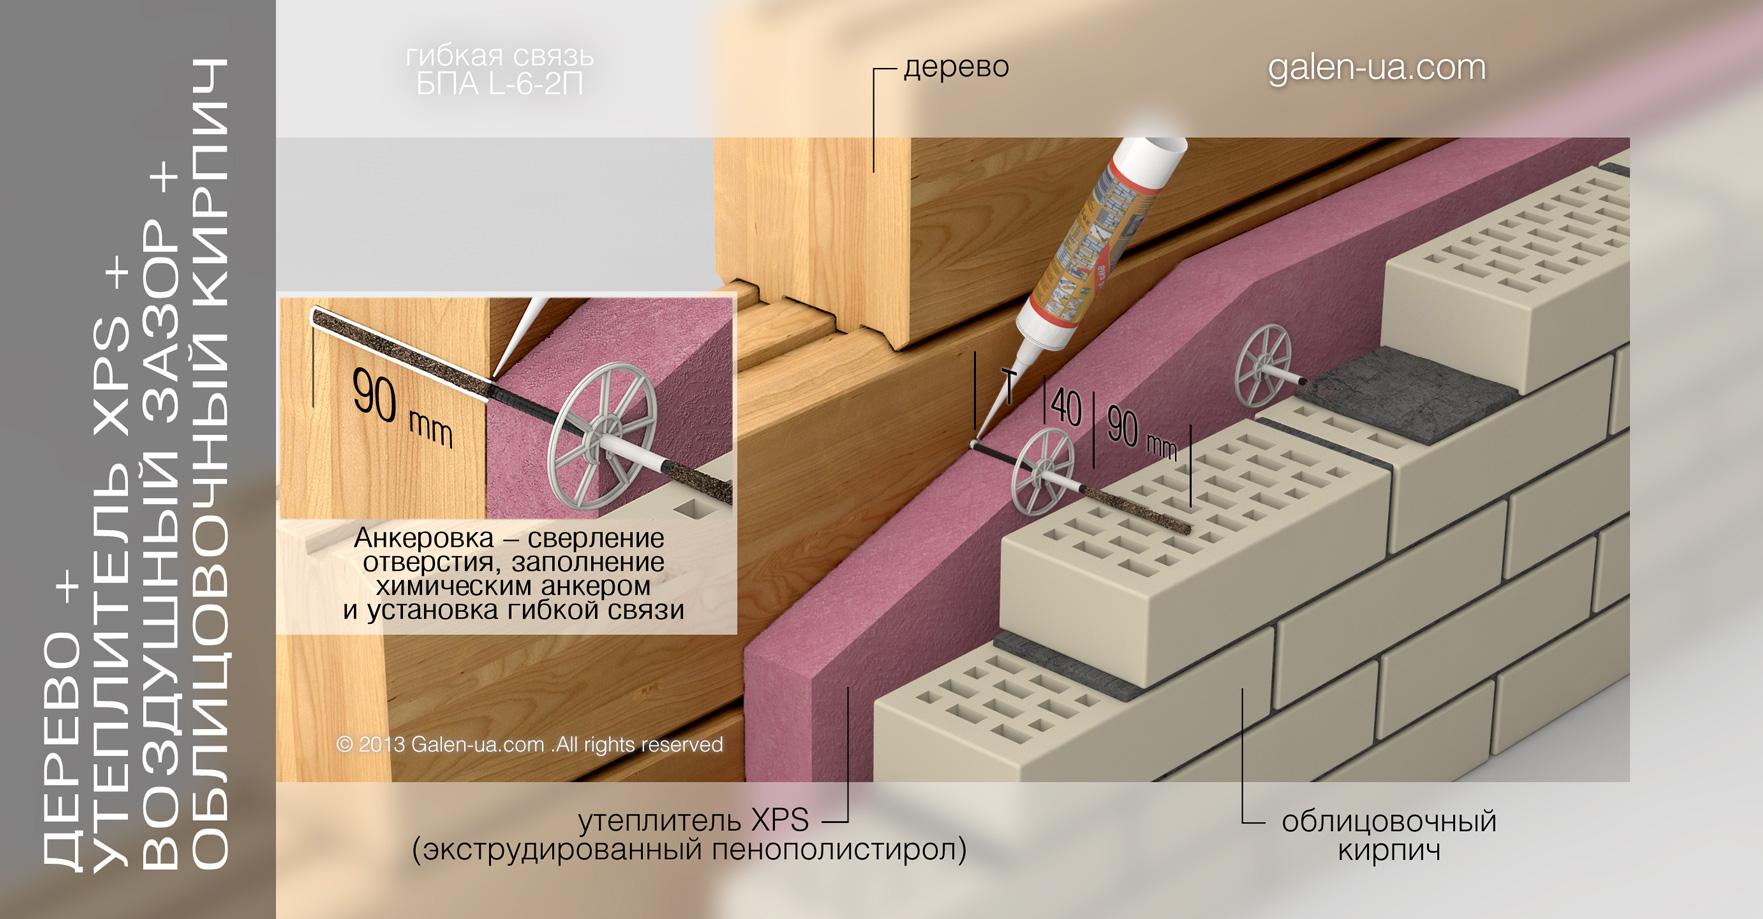 Гибкая связь БПА L-6-2П: Дерево + Утеплитель XPS + Воздушный зазор + Облицовочный кирпич